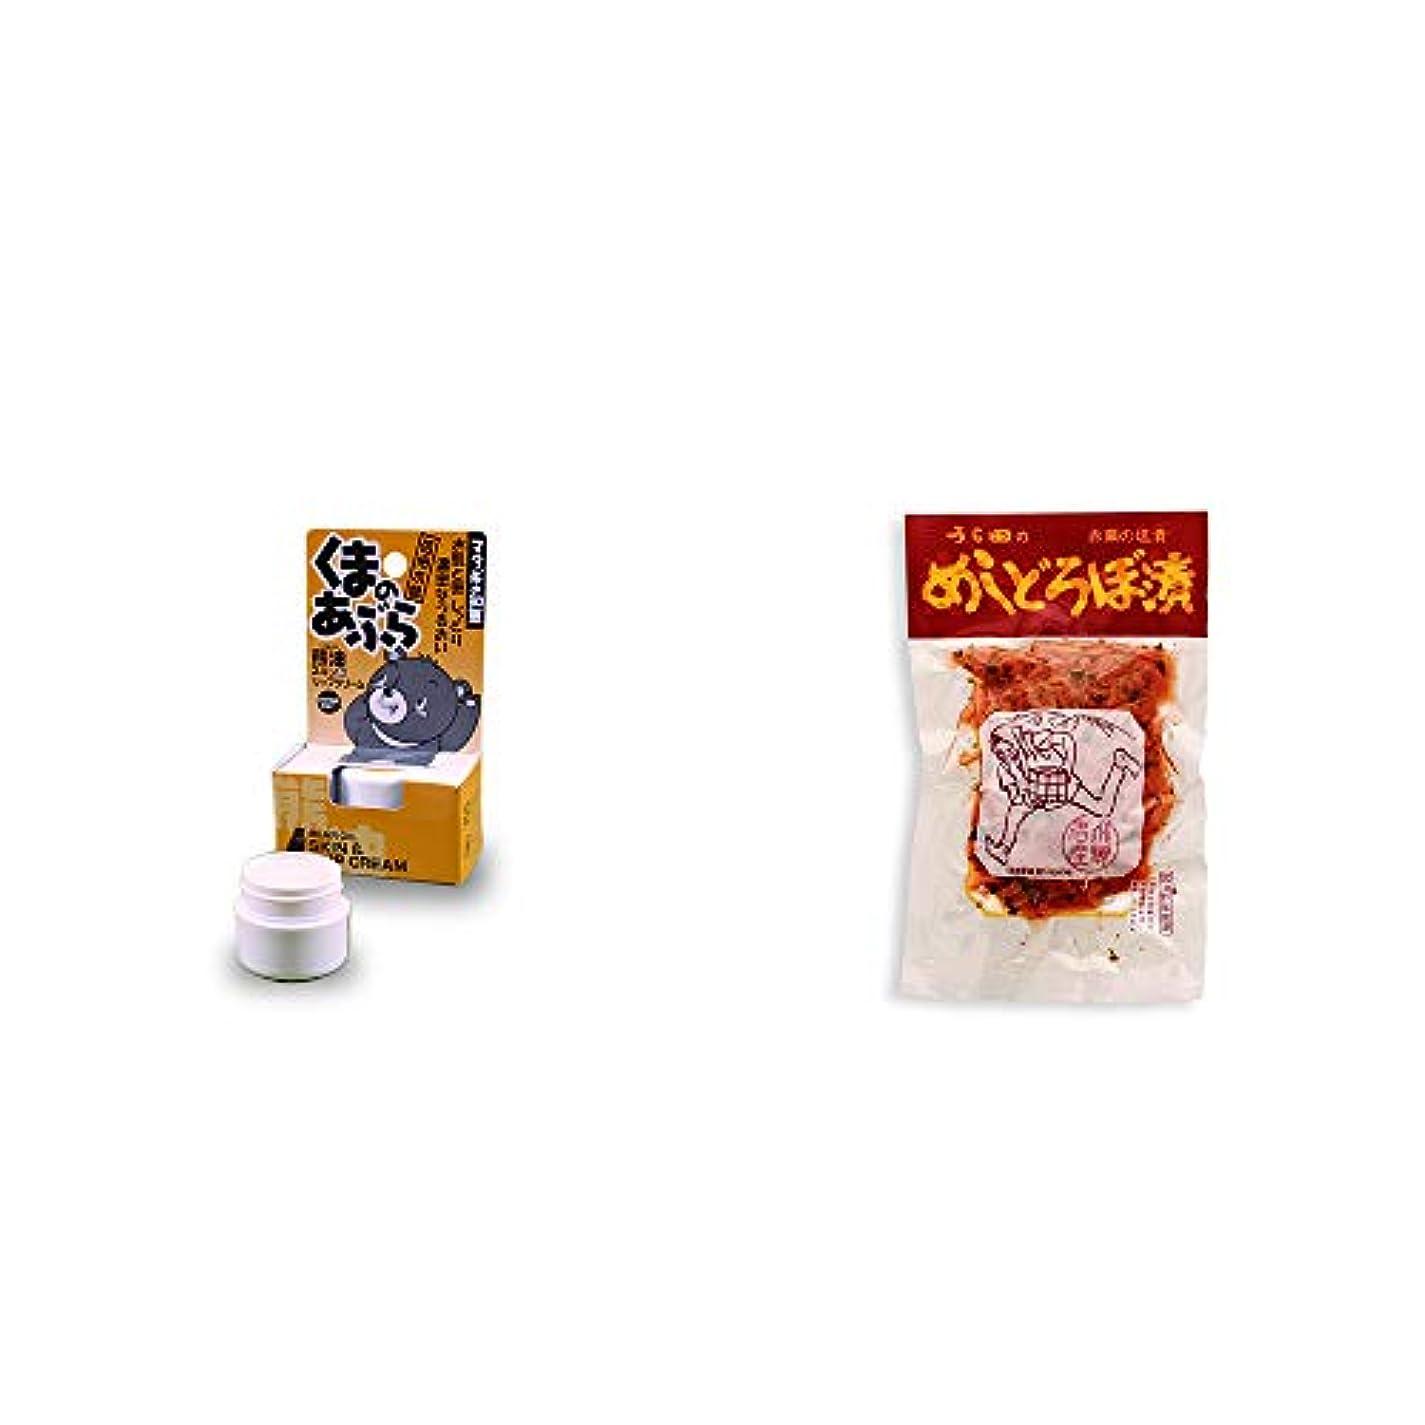 大学兵器庫ヒューバートハドソン[2点セット] 信州木曽 くまのあぶら 熊油スキン&リップクリーム(9g)?うら田 めしどろぼ漬(180g)